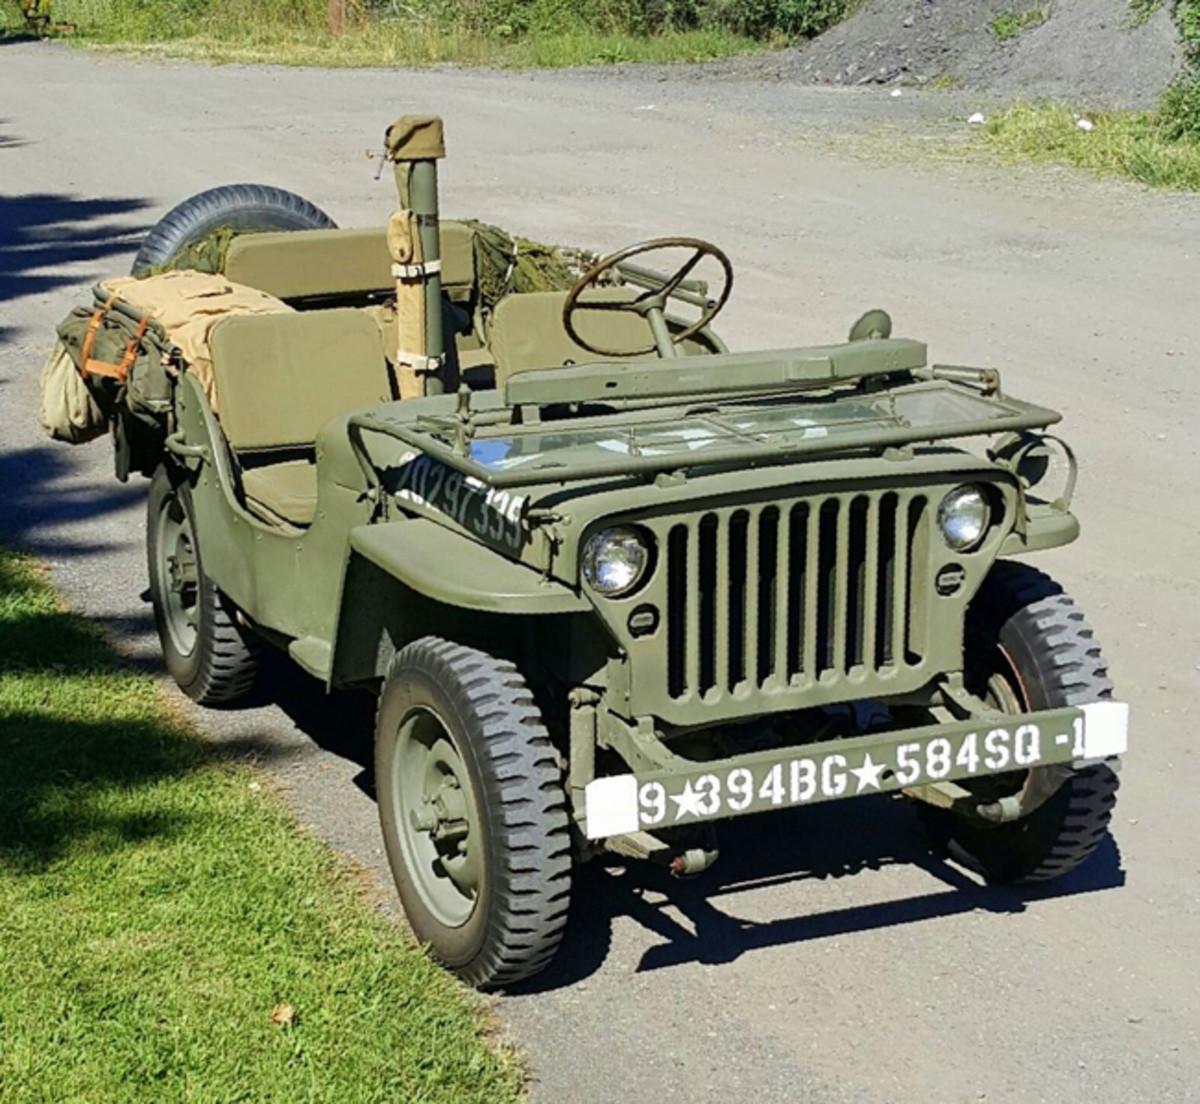 willys-mb-1942-kenny-gantz